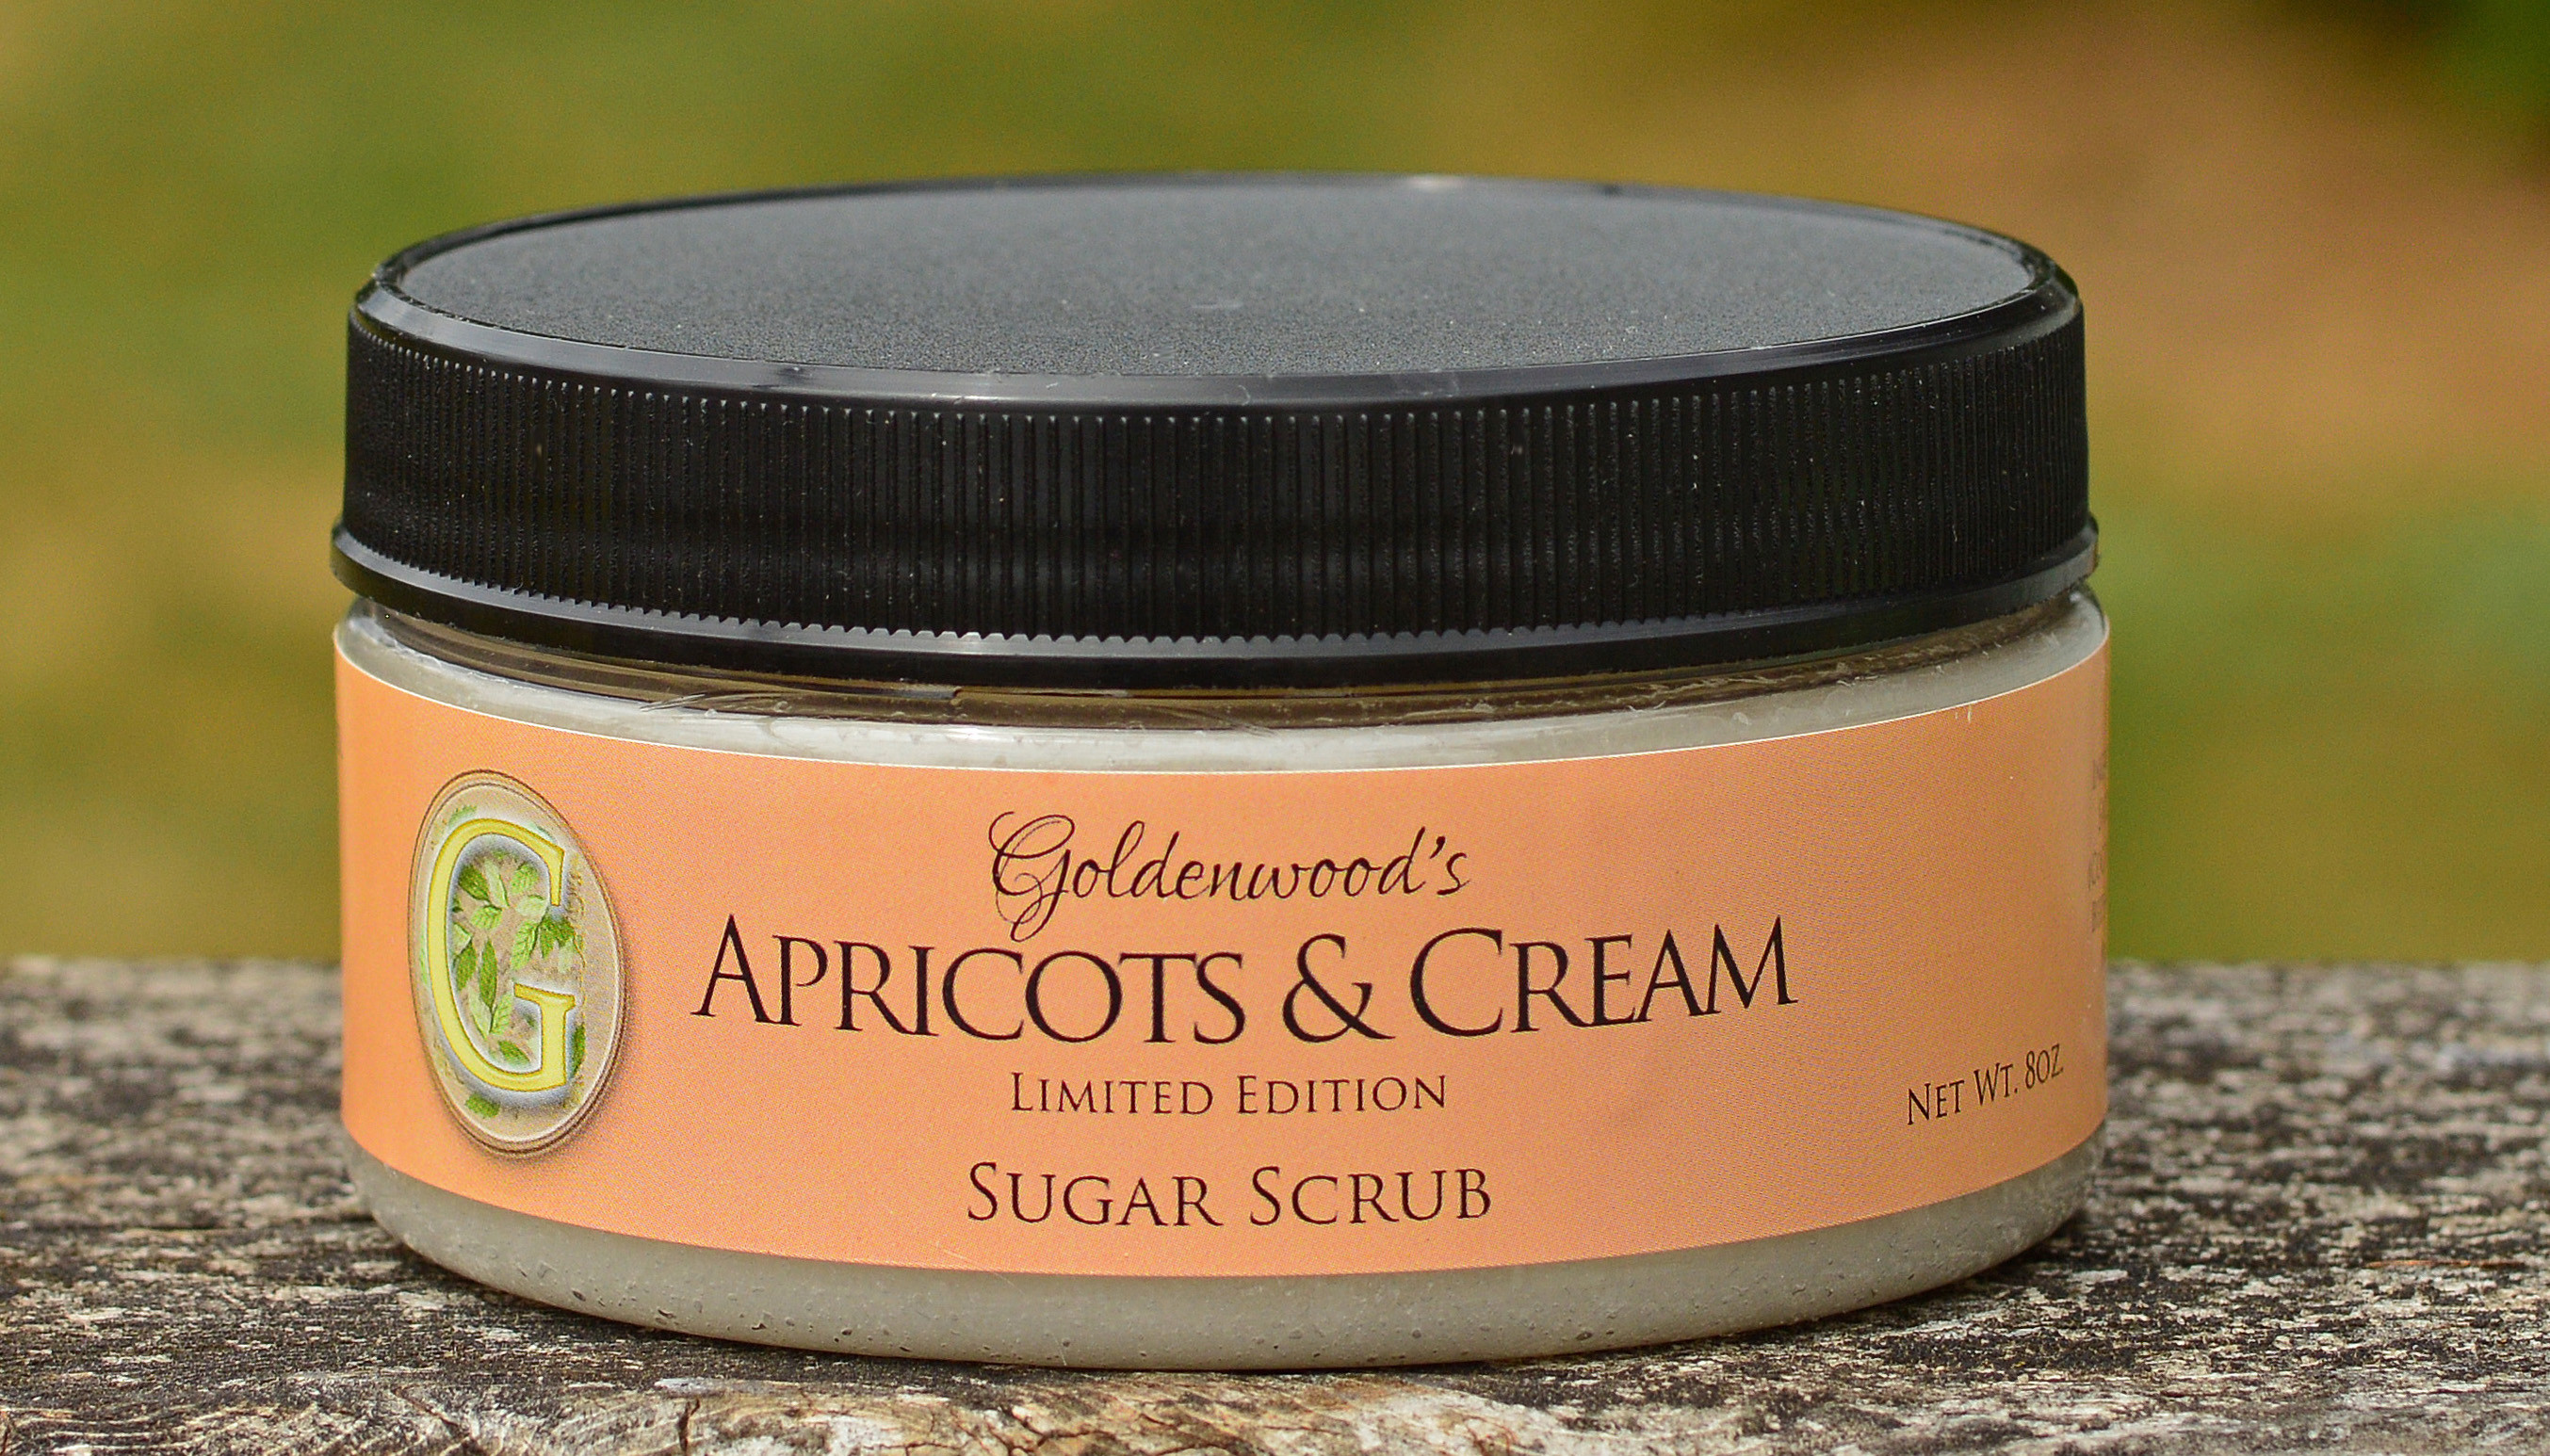 Apricots & Cream Sugar Scrub